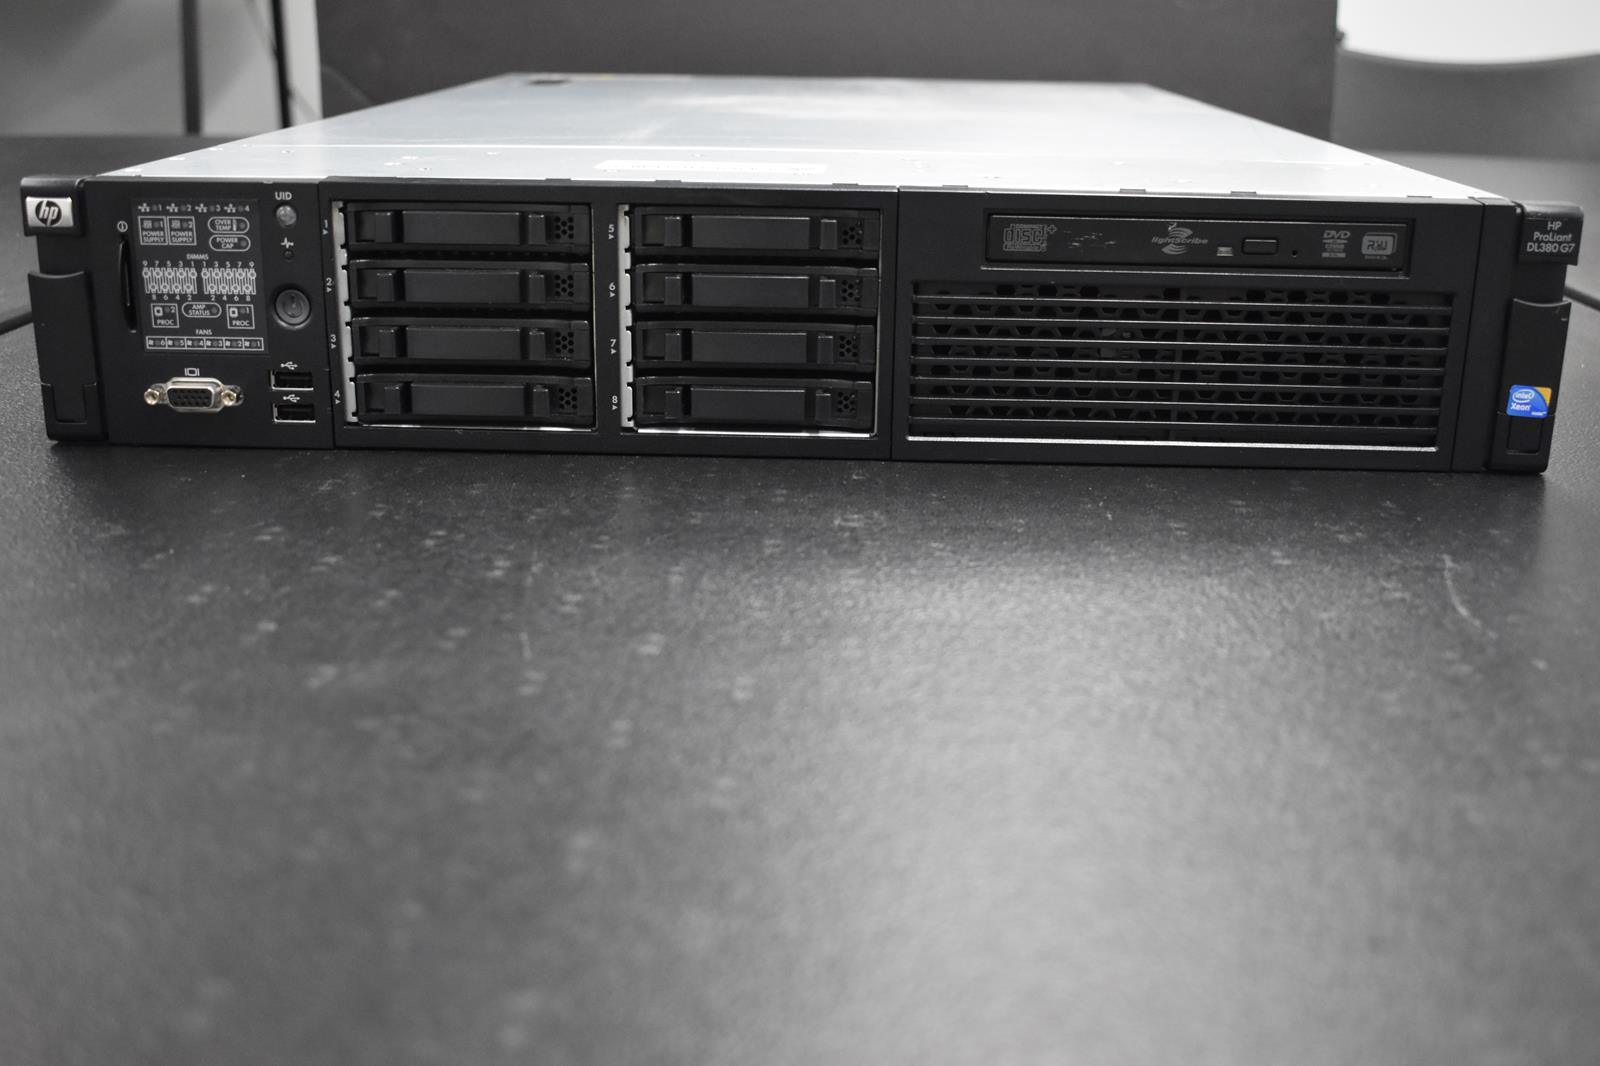 HP ProLiant DL380 G7 Dual Intel Xeon X5660 2.80 GHz 32 GB Server